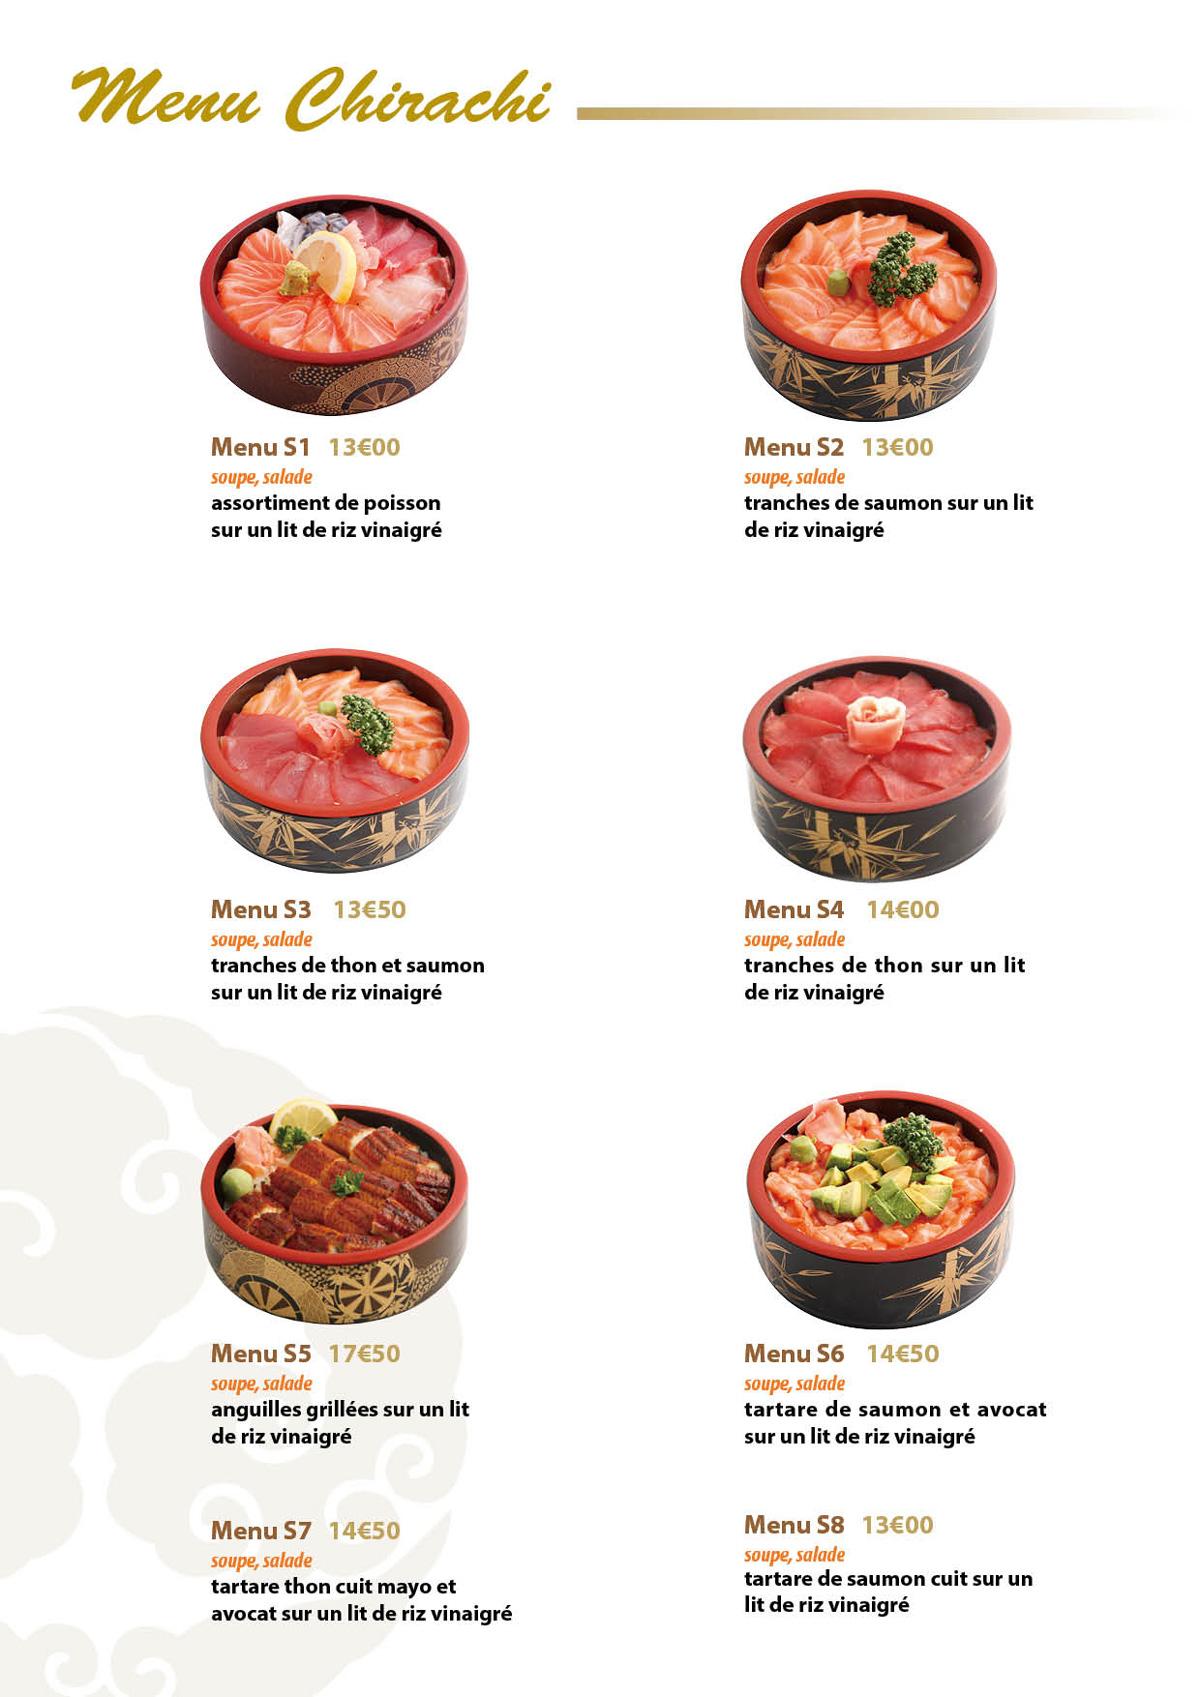 menu_chirachi